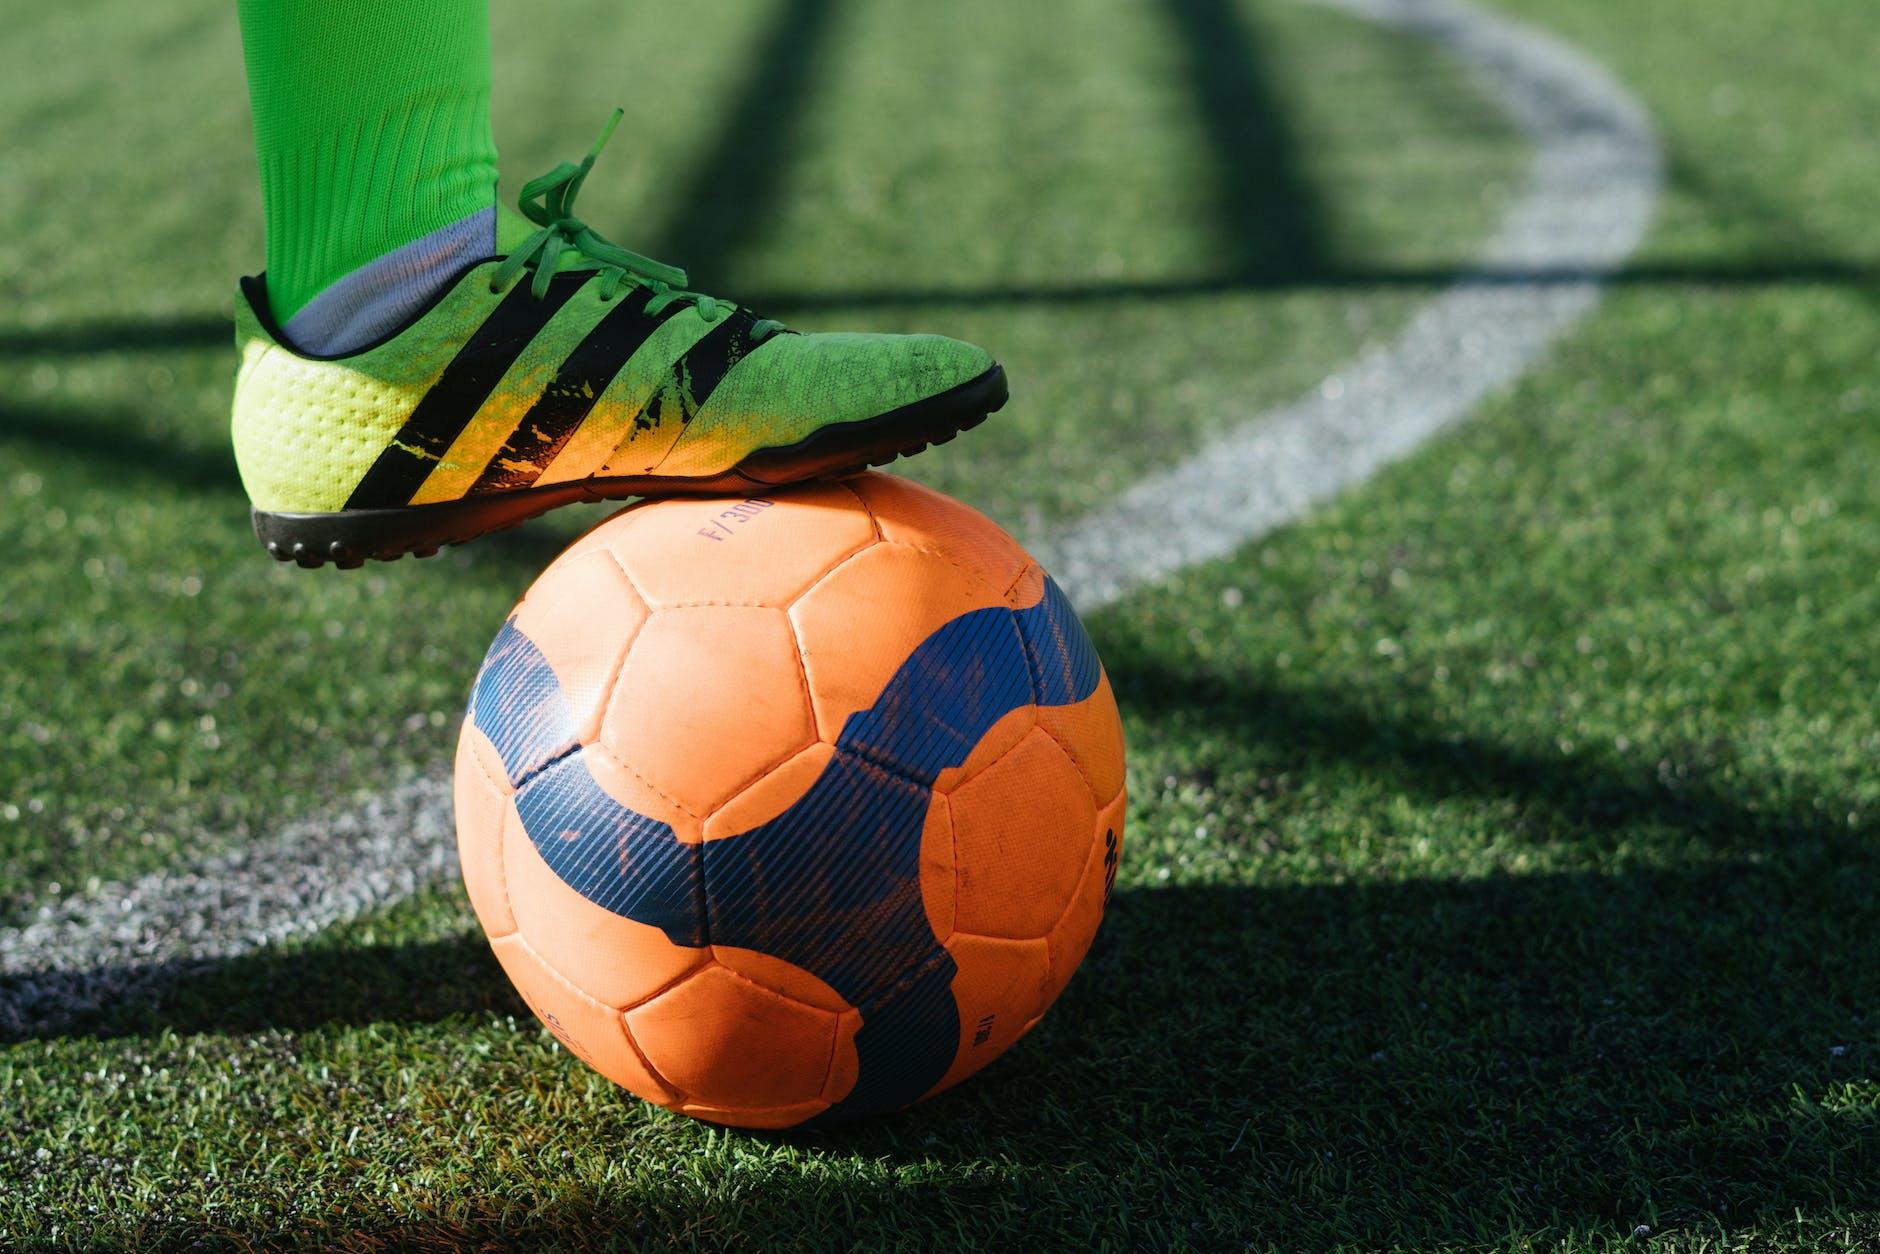 Jogo de Futebol Ao Vivo | Esporte Interativo Plus